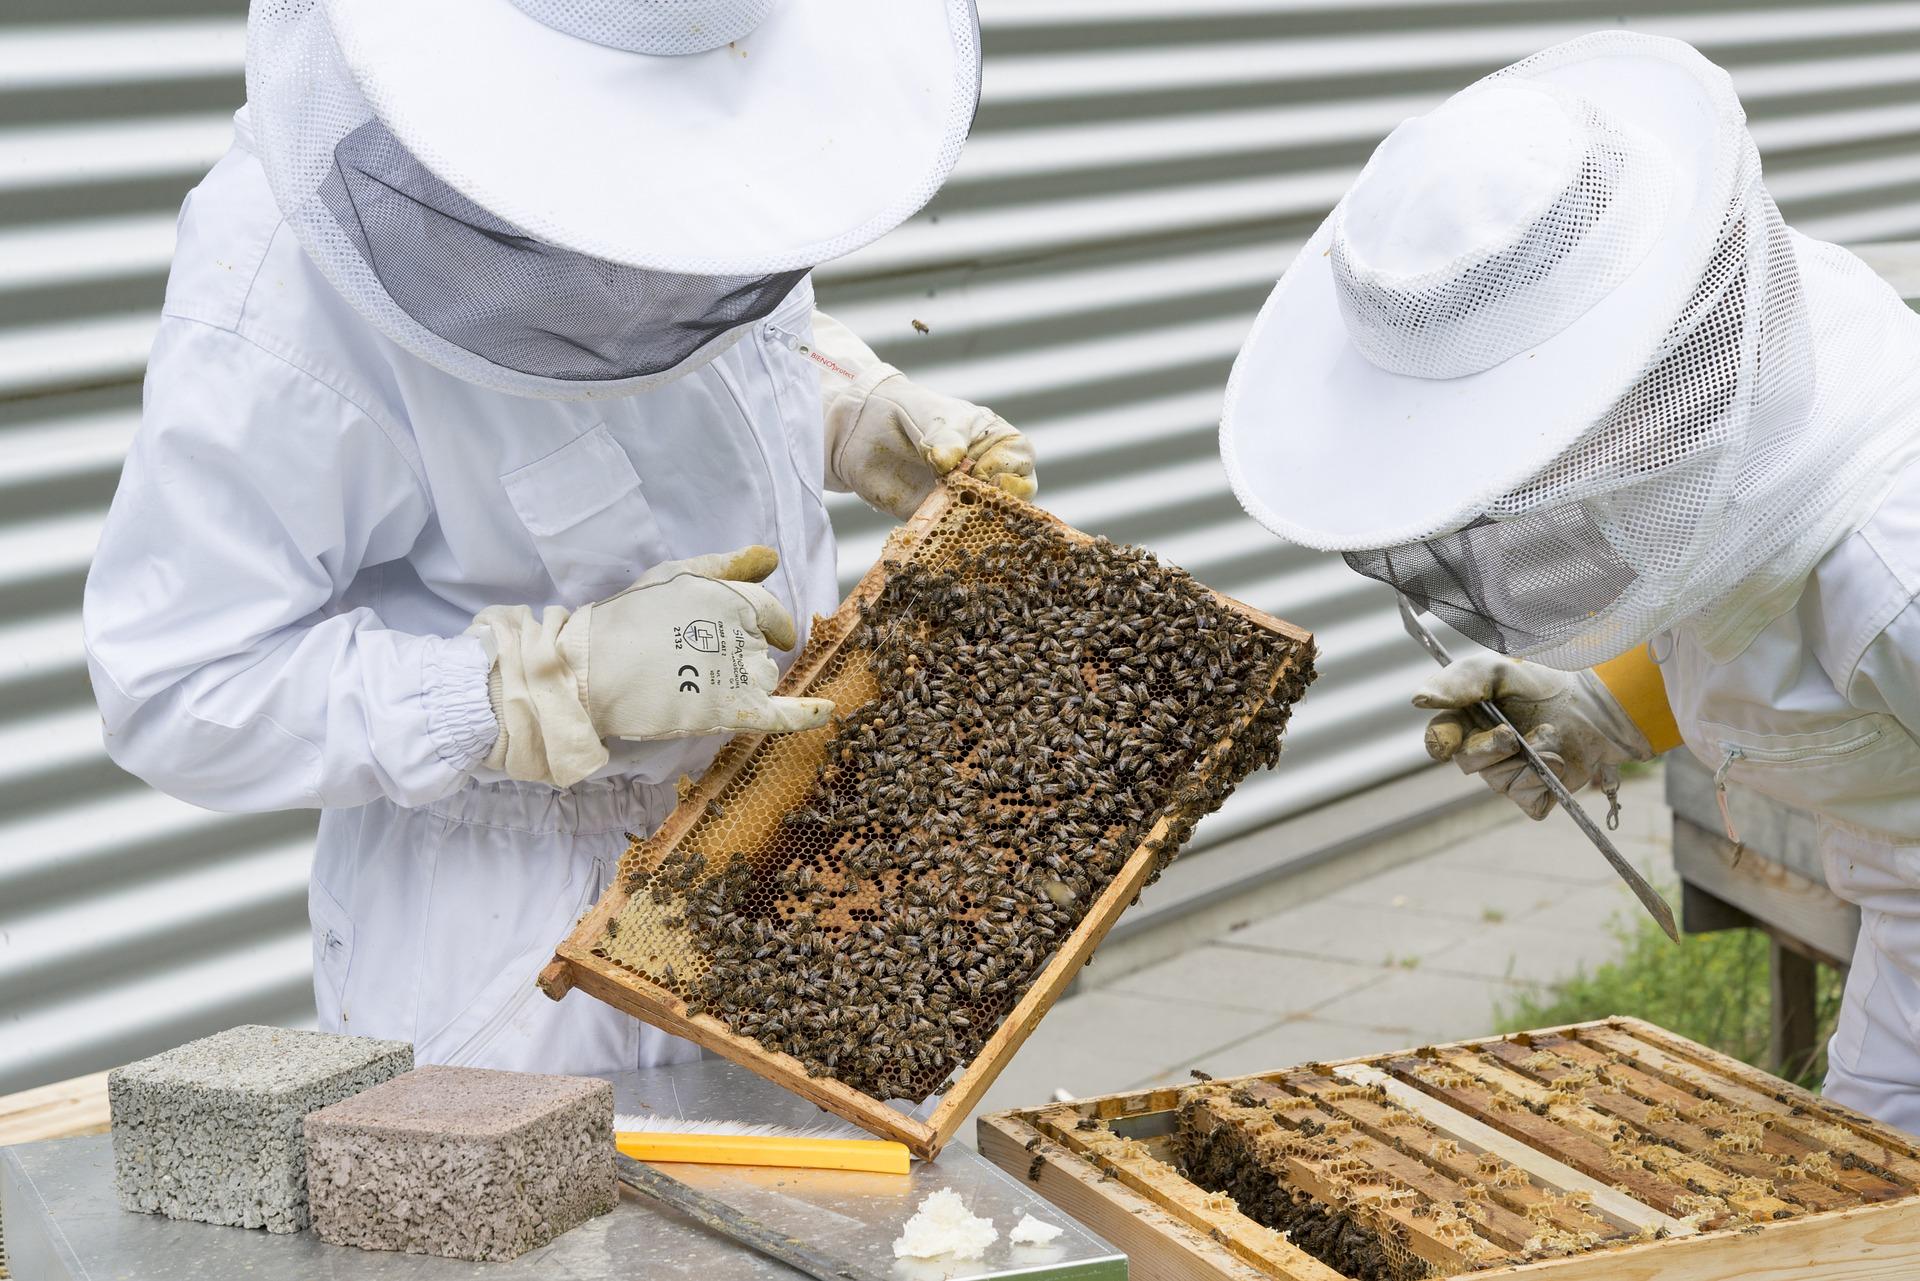 beekeeper-2650663_1920